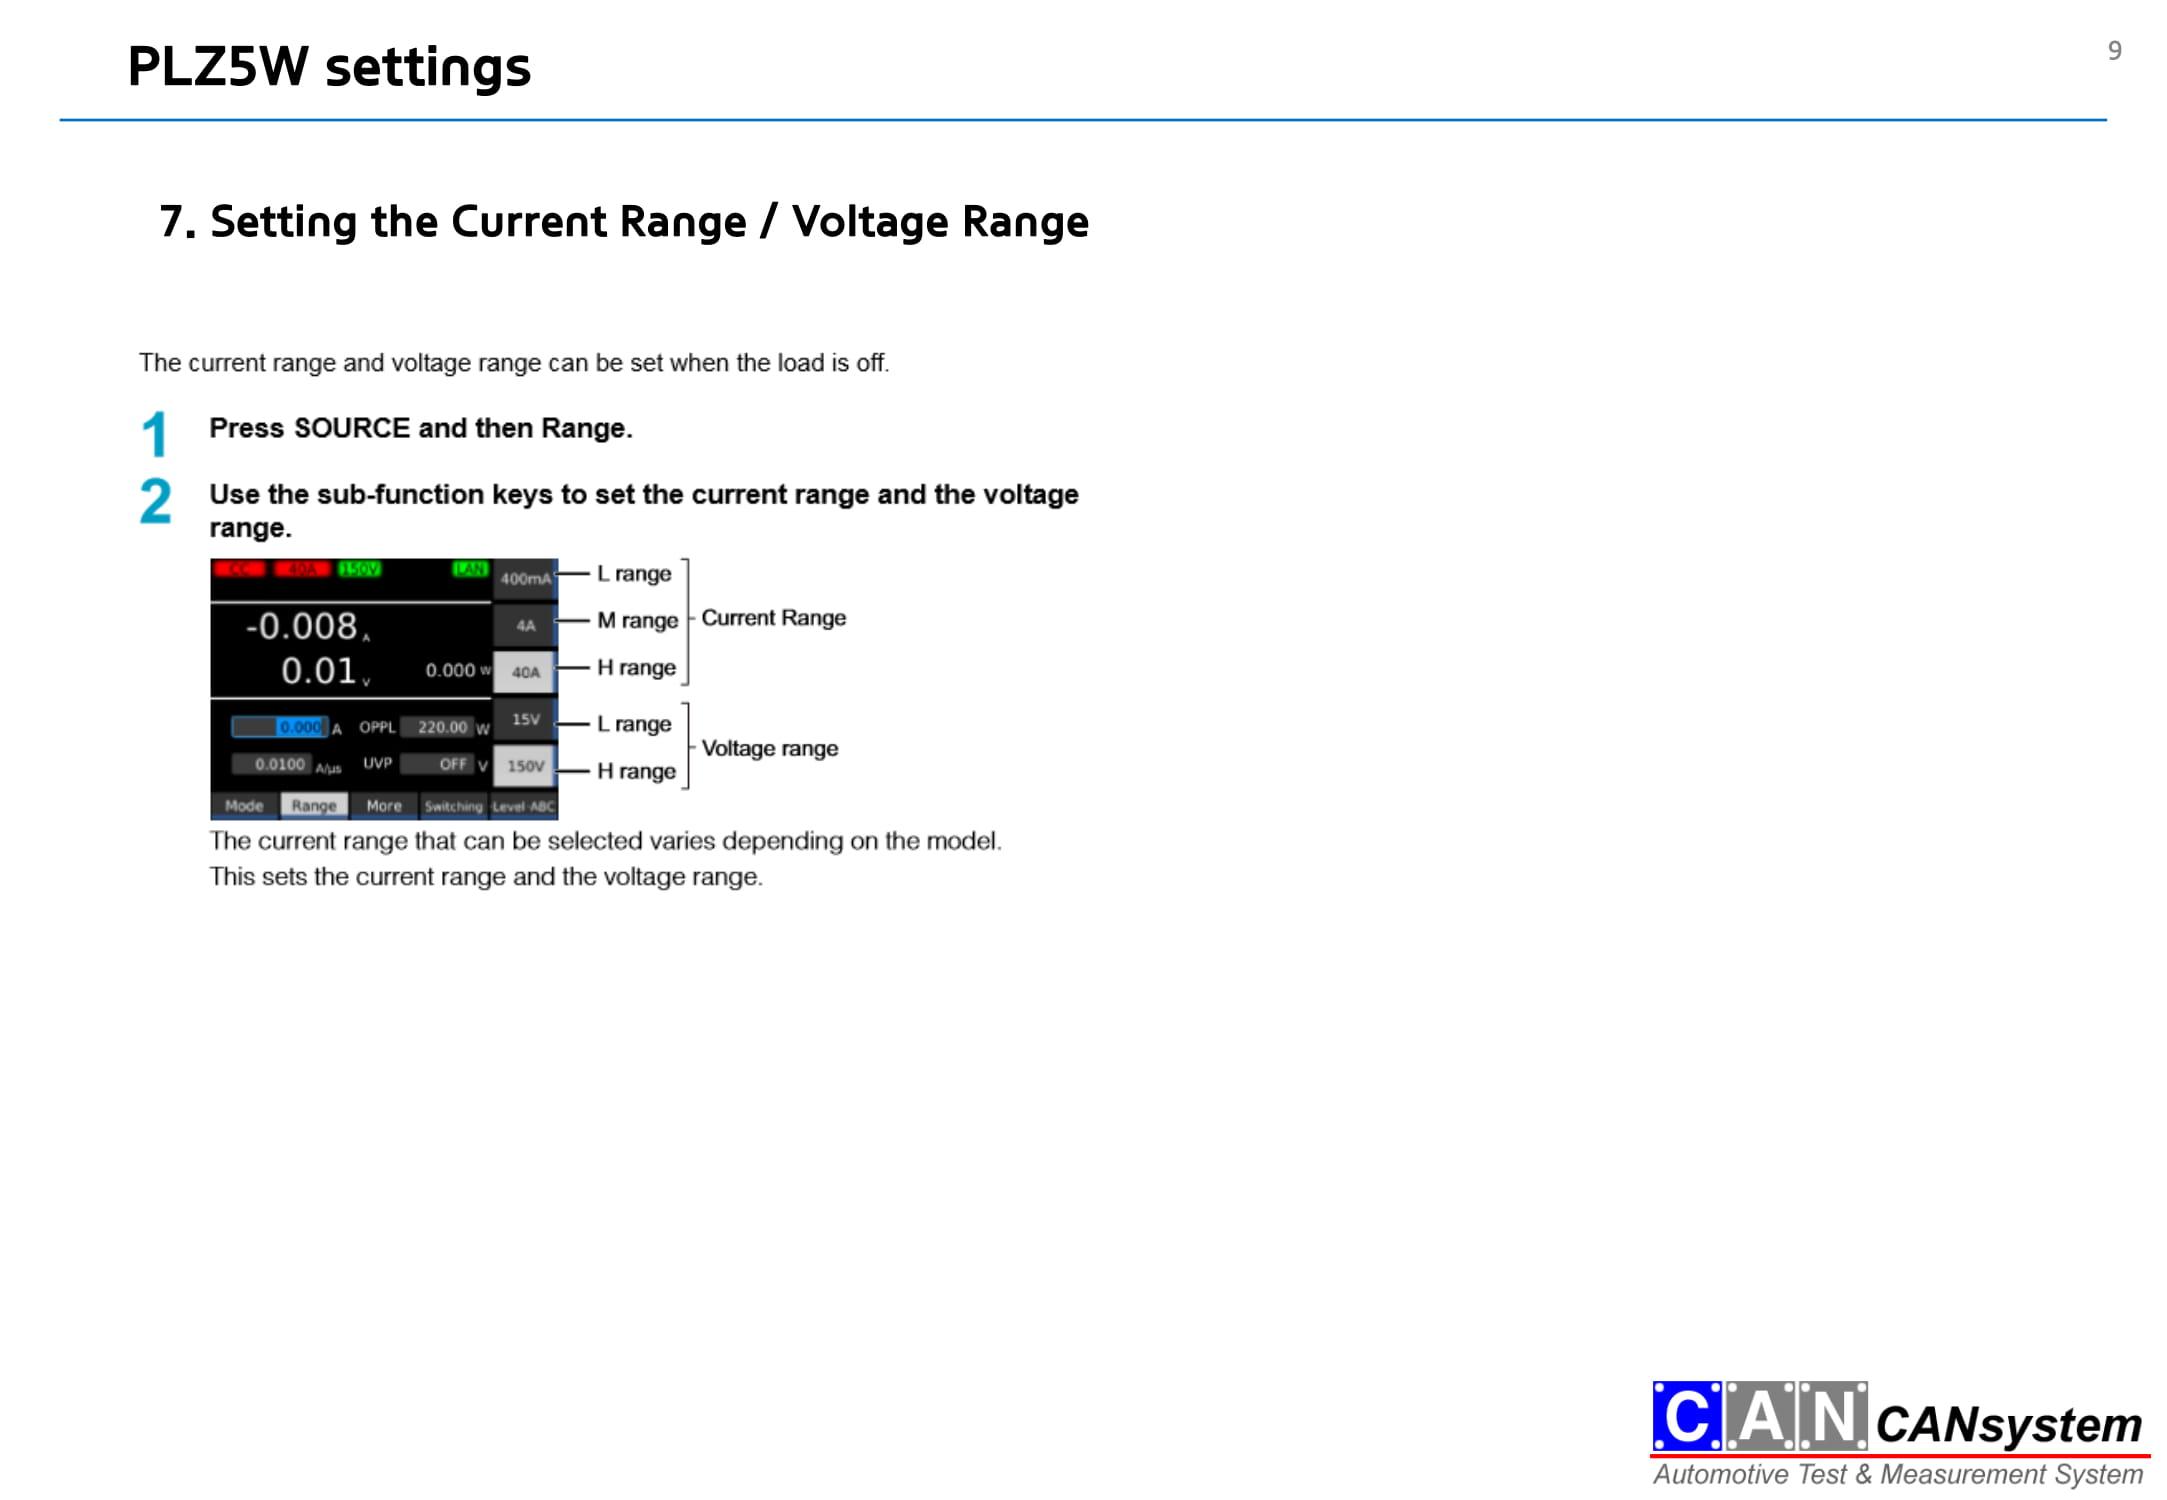 KIKUSUI PLZ5W 이용가이드-09.jpg